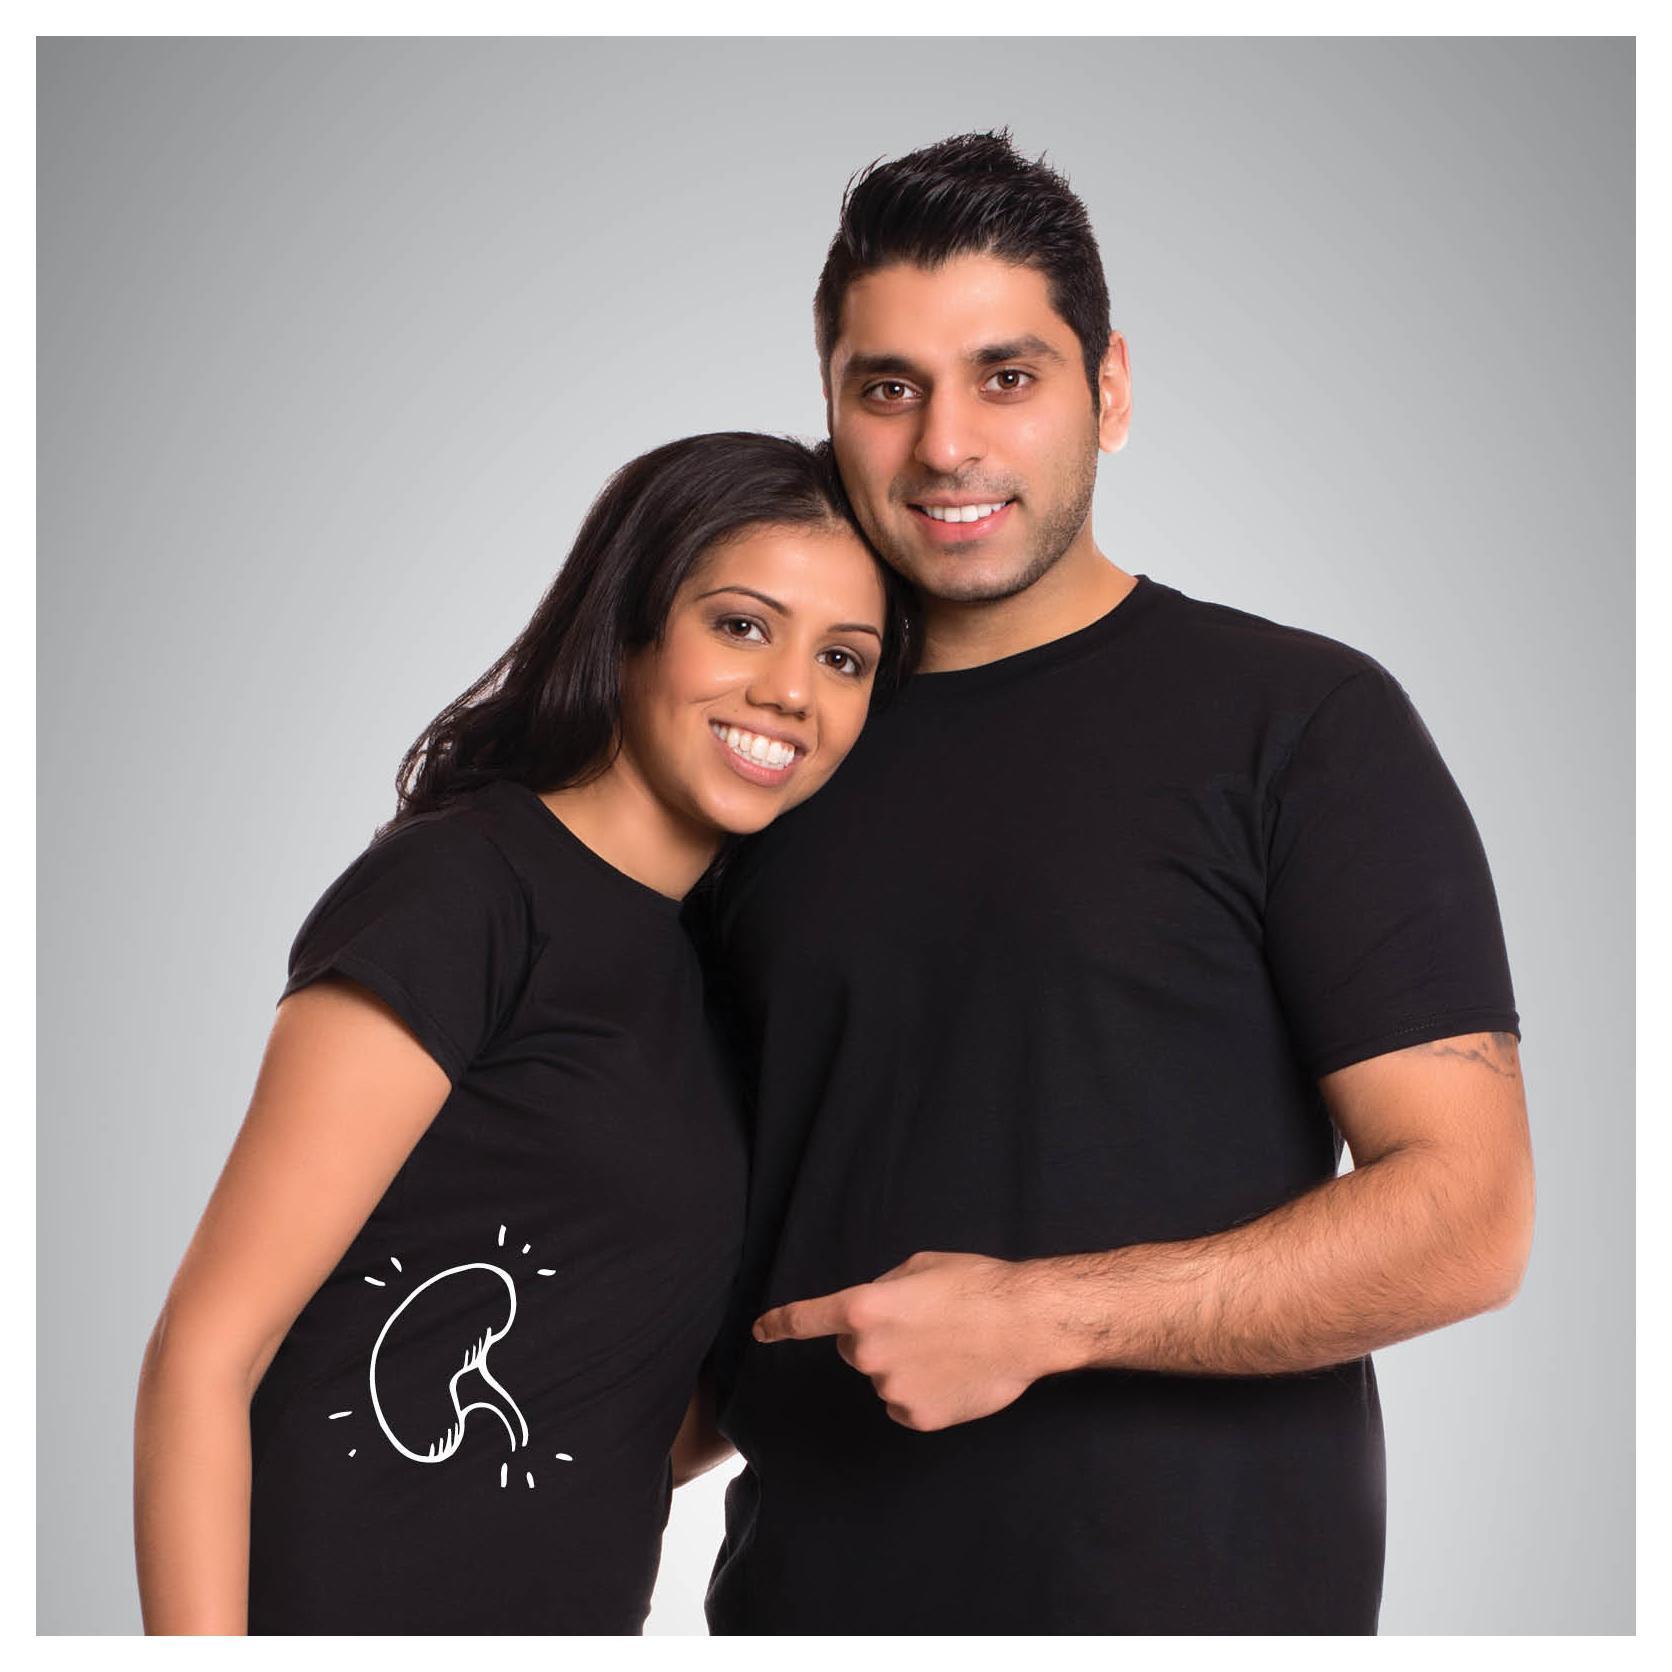 Gurjit (gauche) et son mari, Shak, donneur de rein (droite). Photo publiée avec la permission de B.C. Transplant